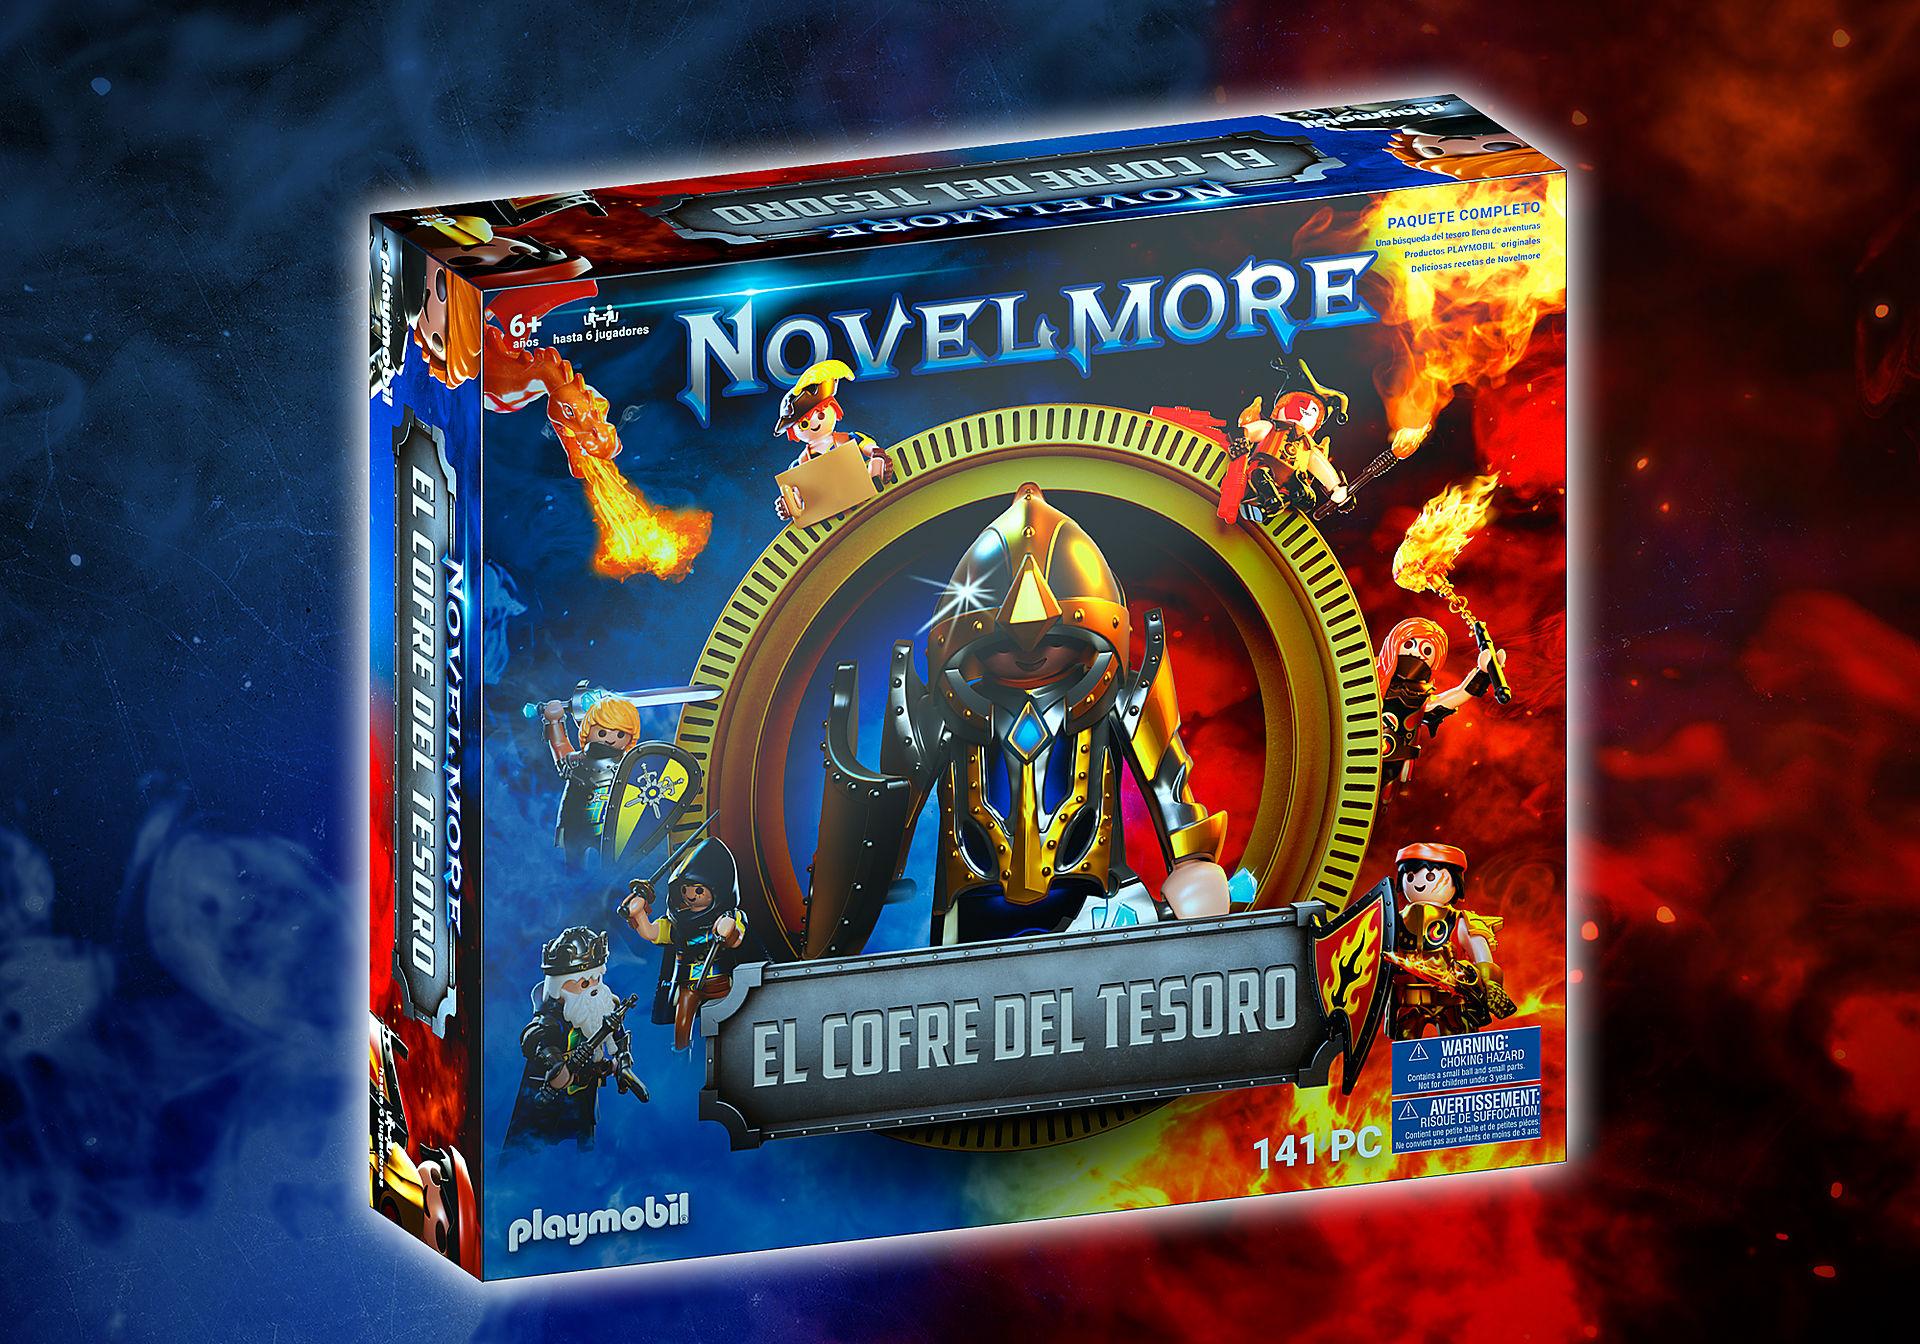 70845 PLAYMOBIL®Box: El Cofre del tesoro de NOVELMORE El evento familiar zoom image1